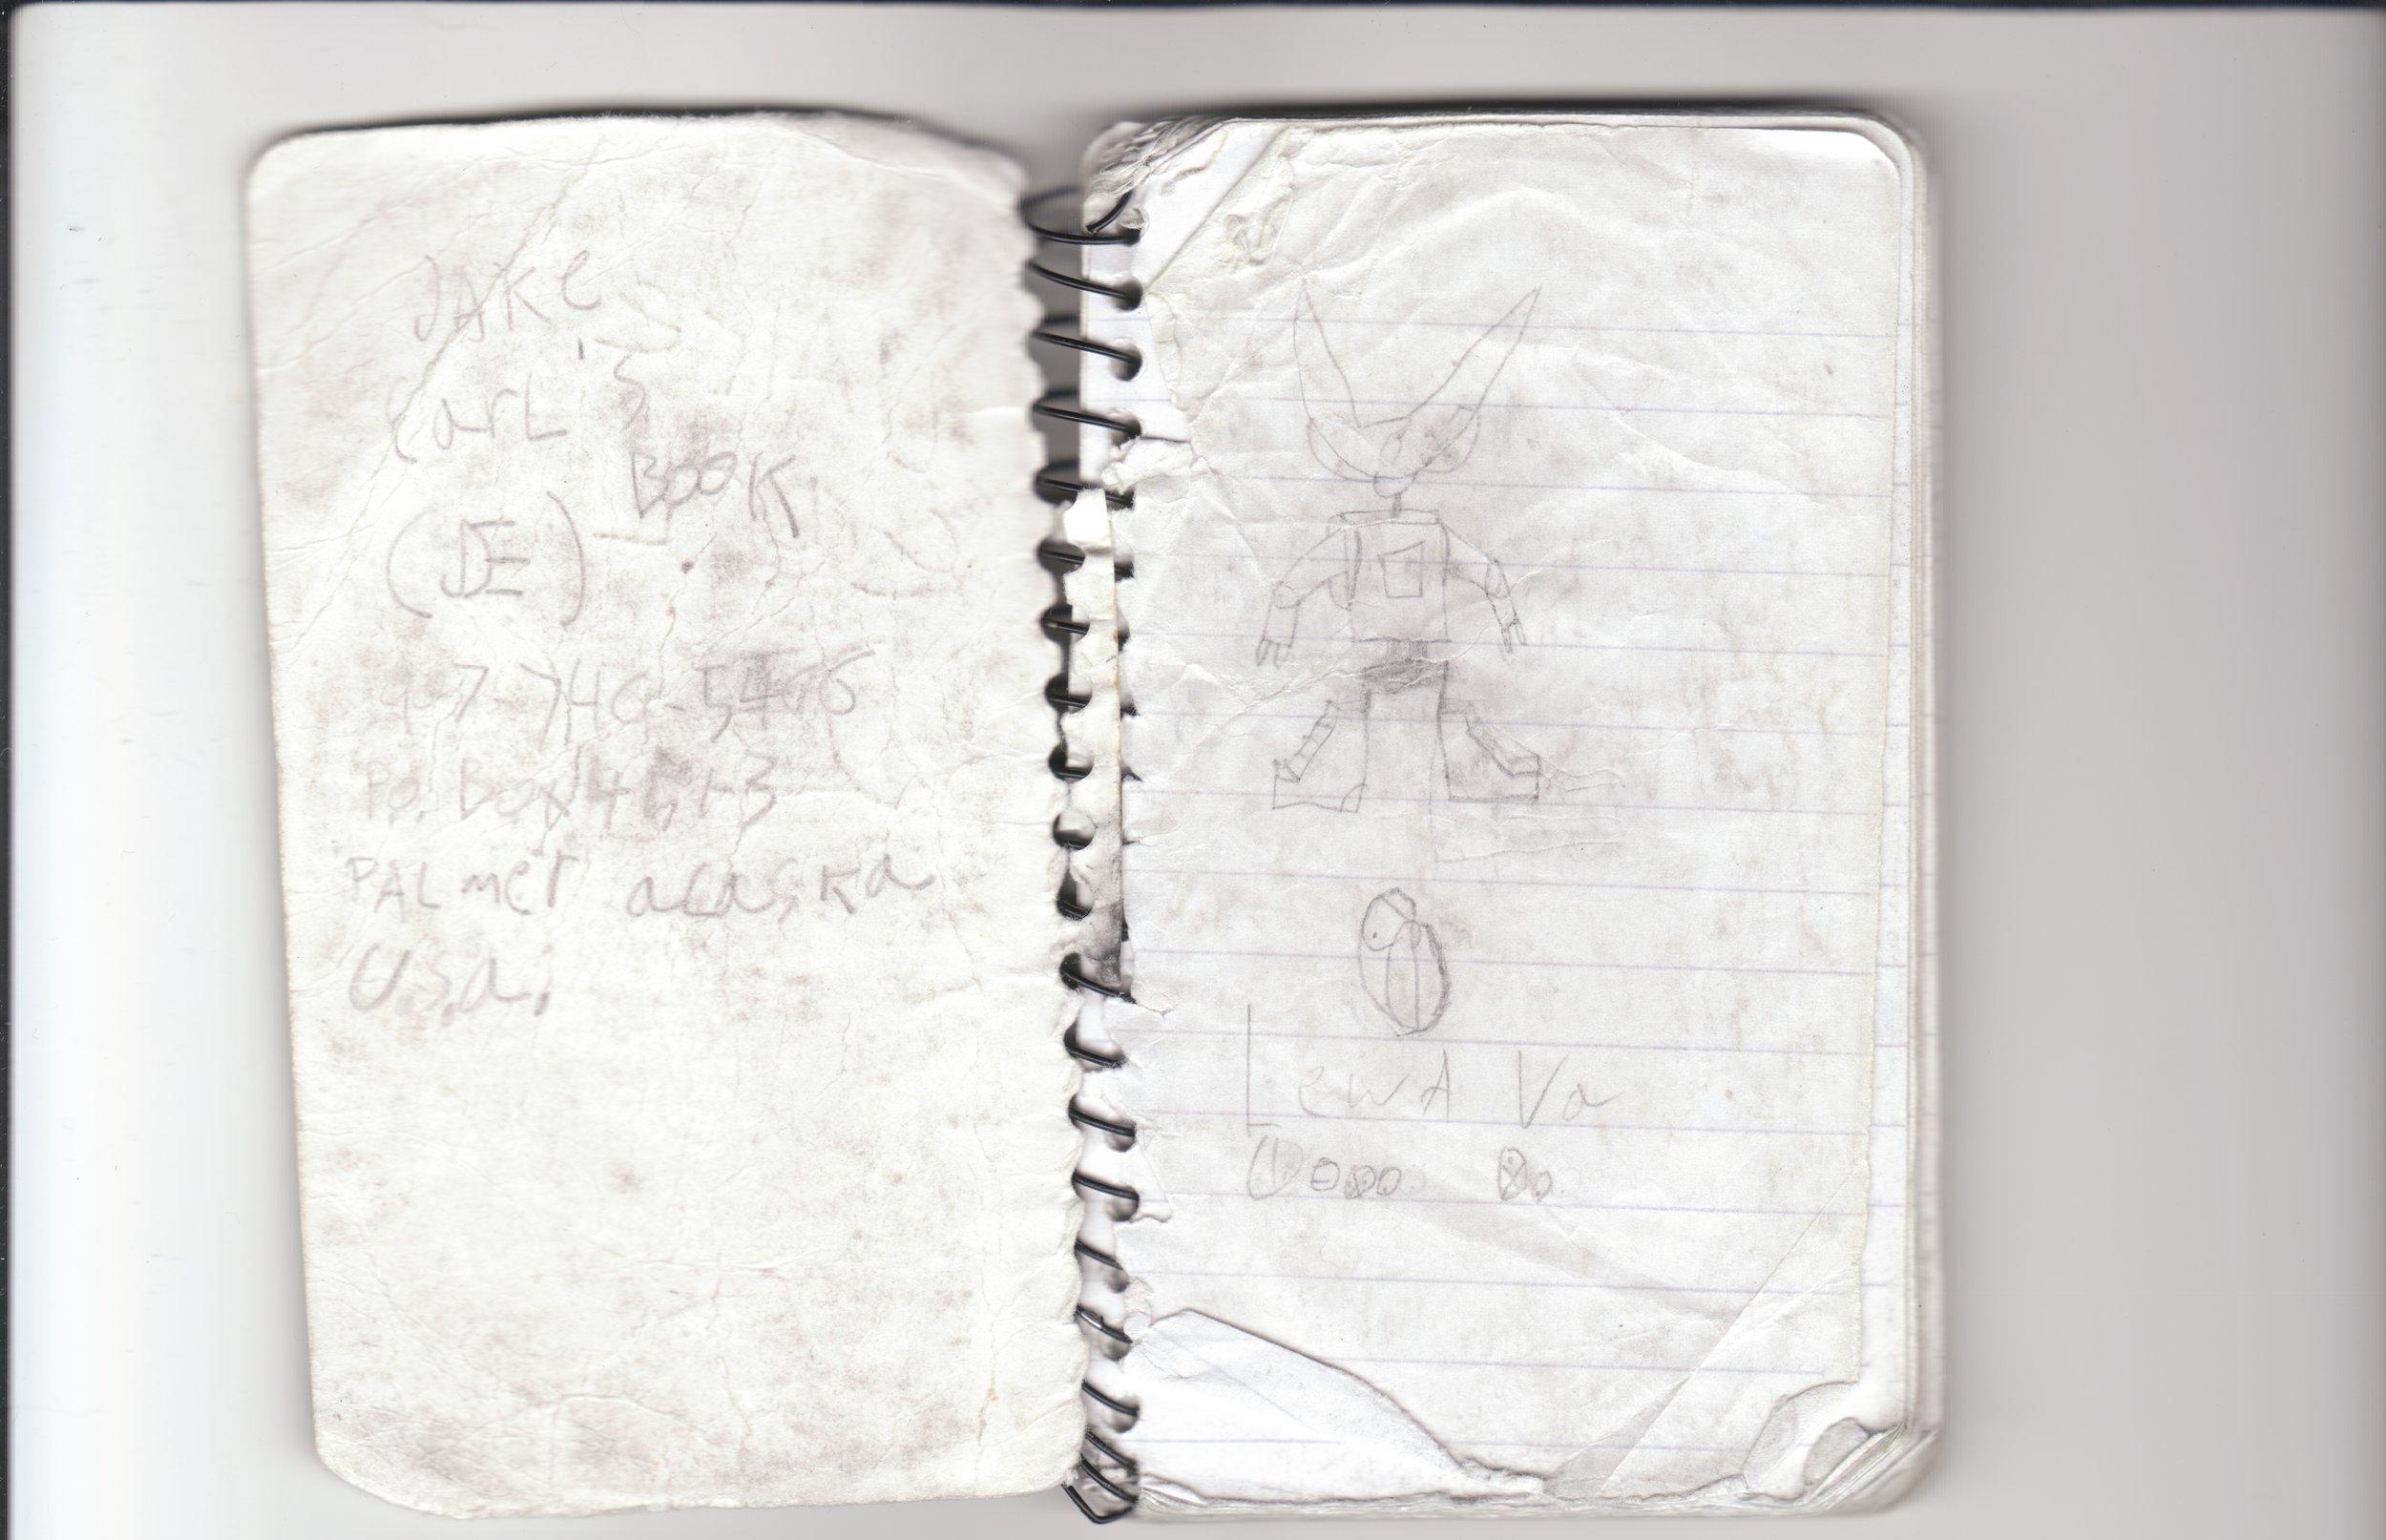 jake earls book_Page_02.jpg